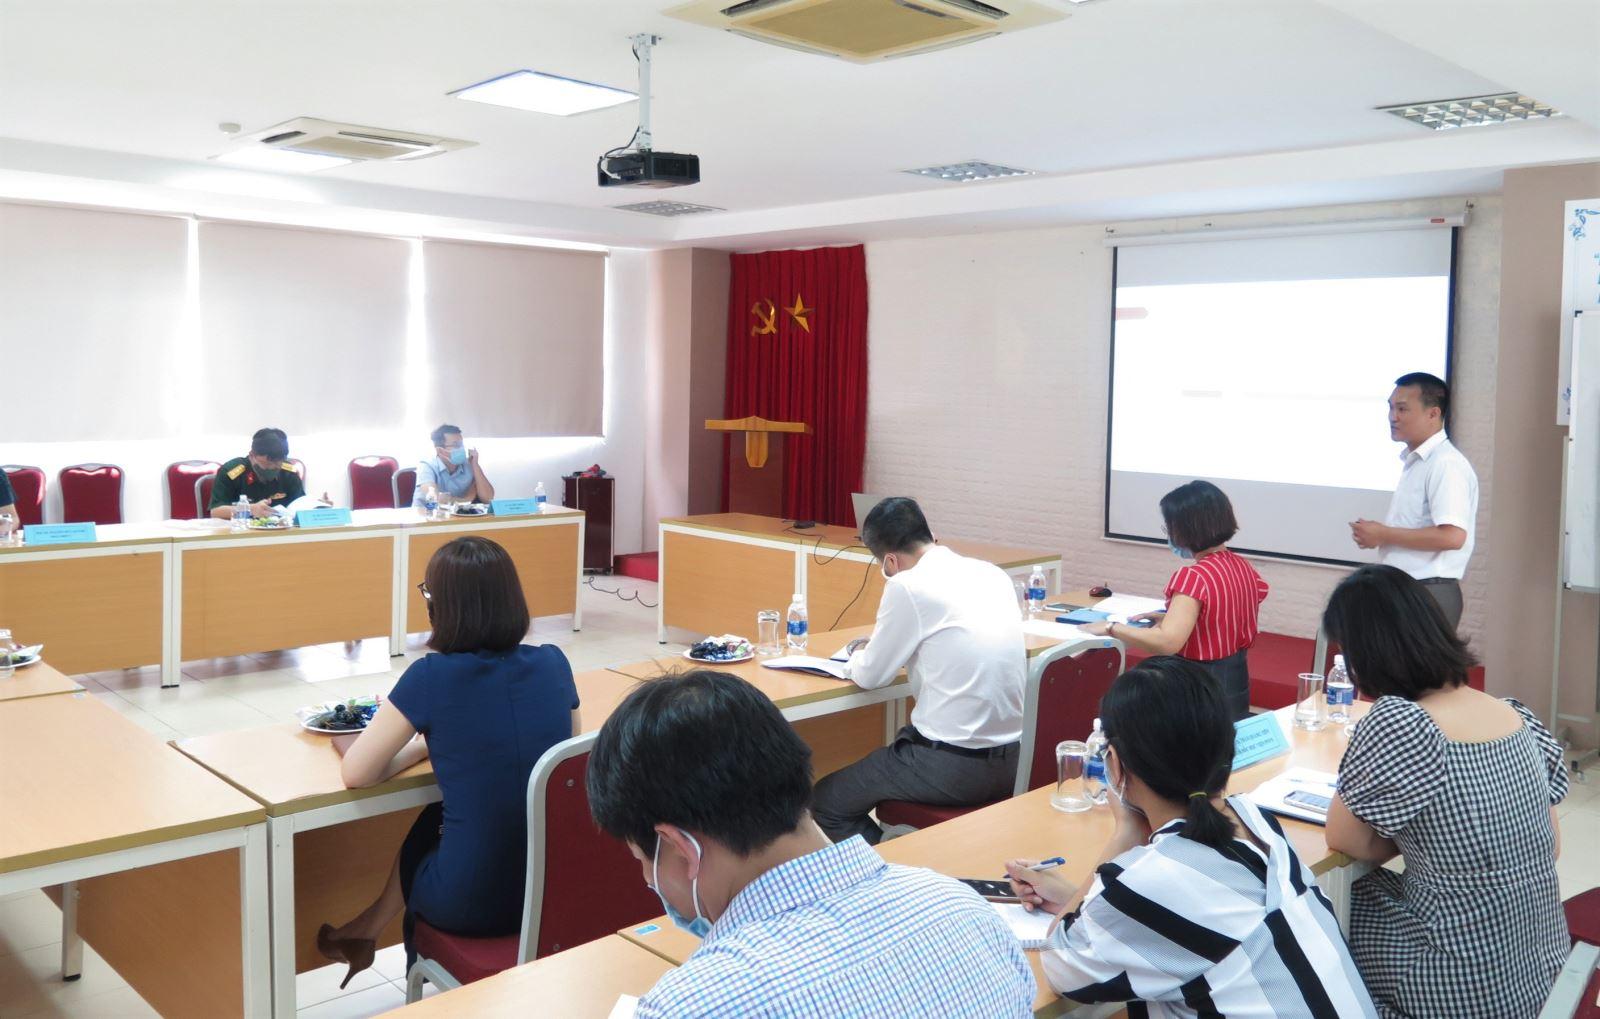 Thẩm định Chương trình đào tạo trình độ đại học ngành Công nghệ thông tin của Học viện Phụ nữ Việt Nam